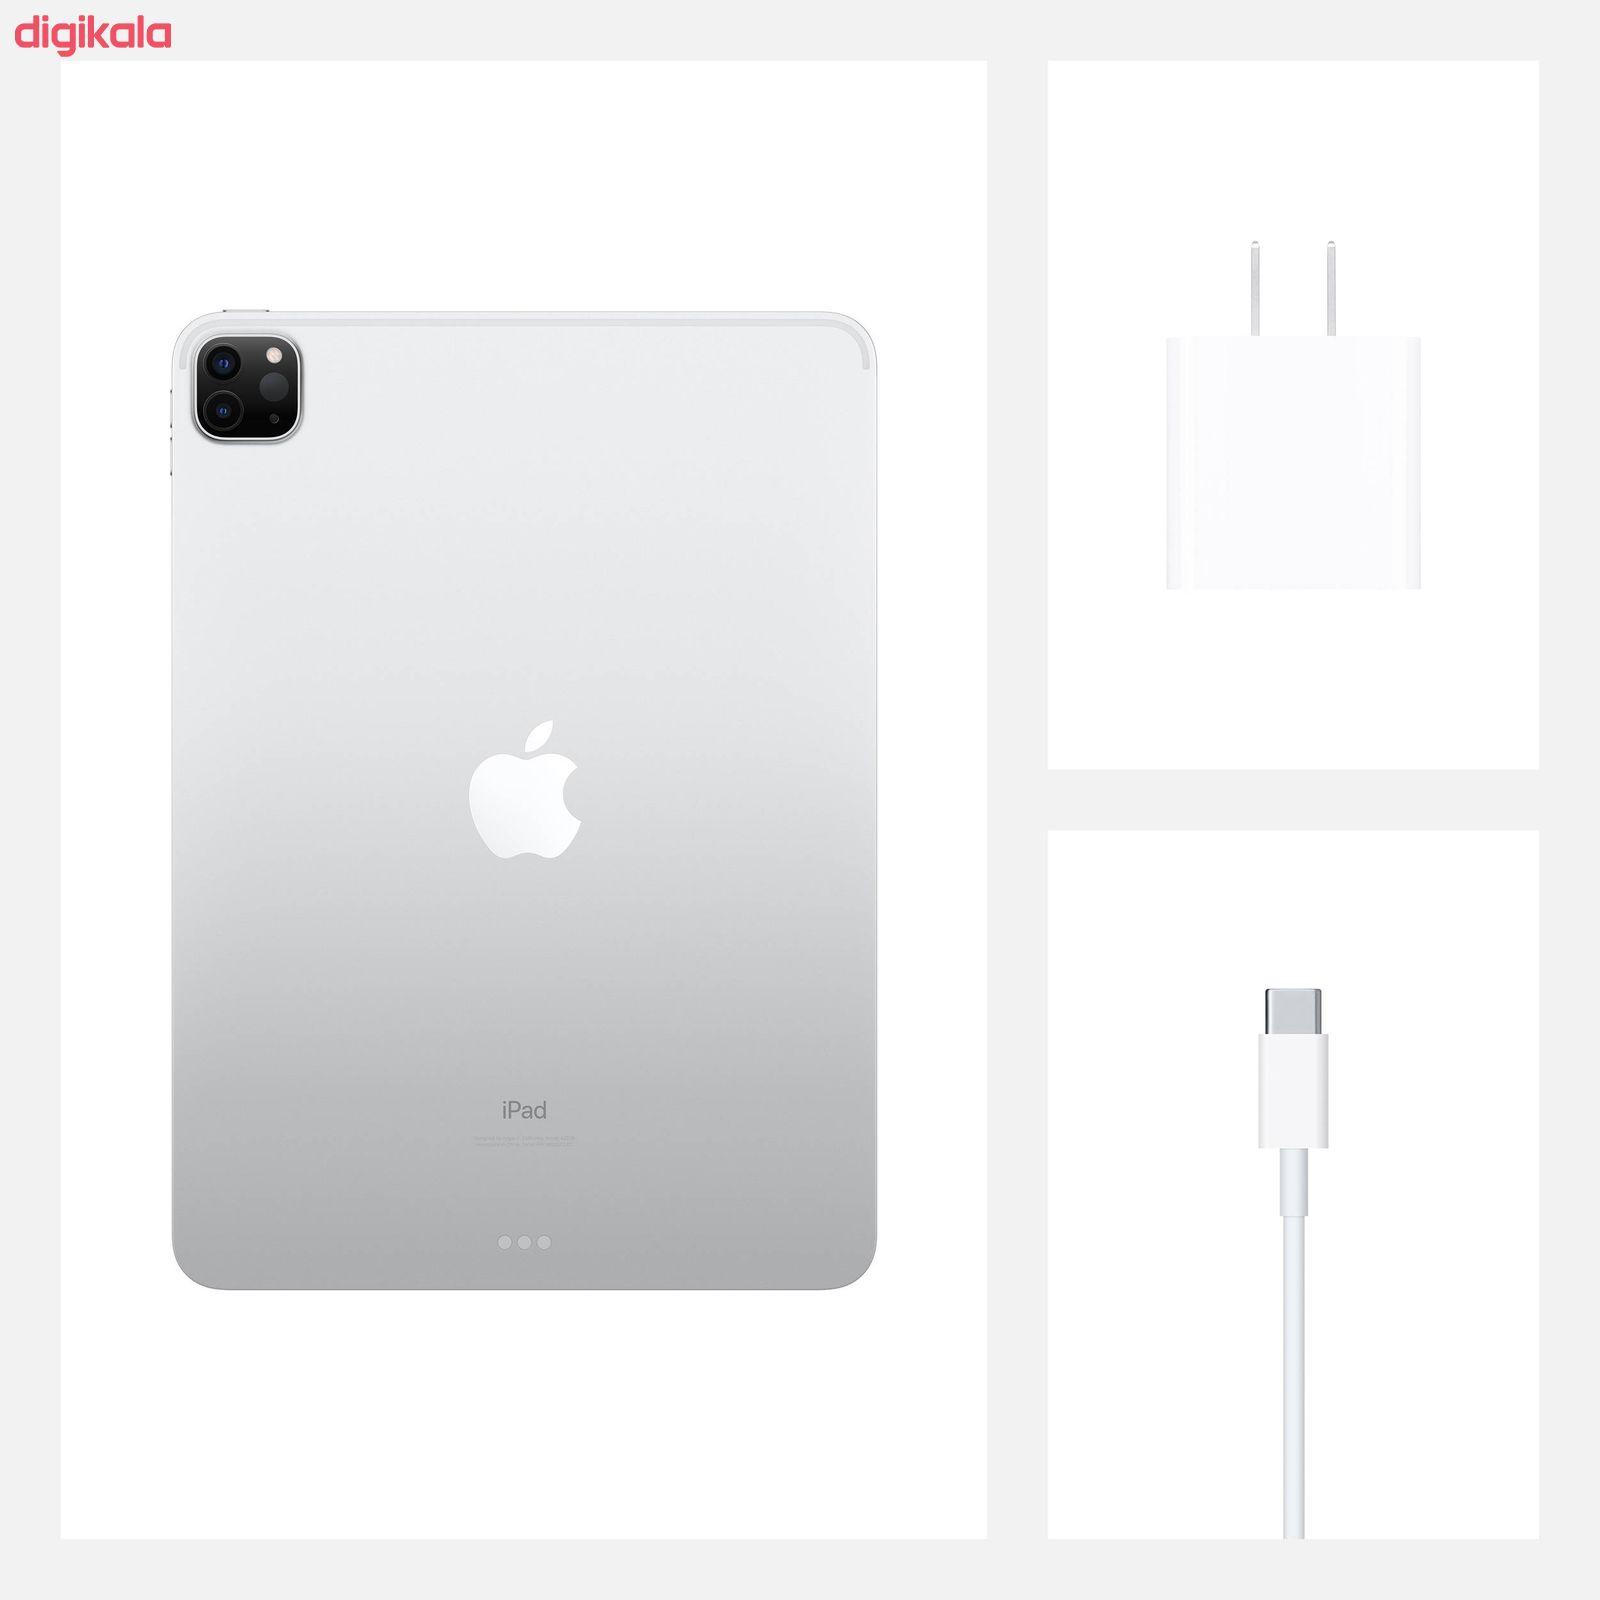 تبلت اپل مدل iPad Pro 11 inch 2020 4G ظرفیت 128 گیگابایت  main 1 5